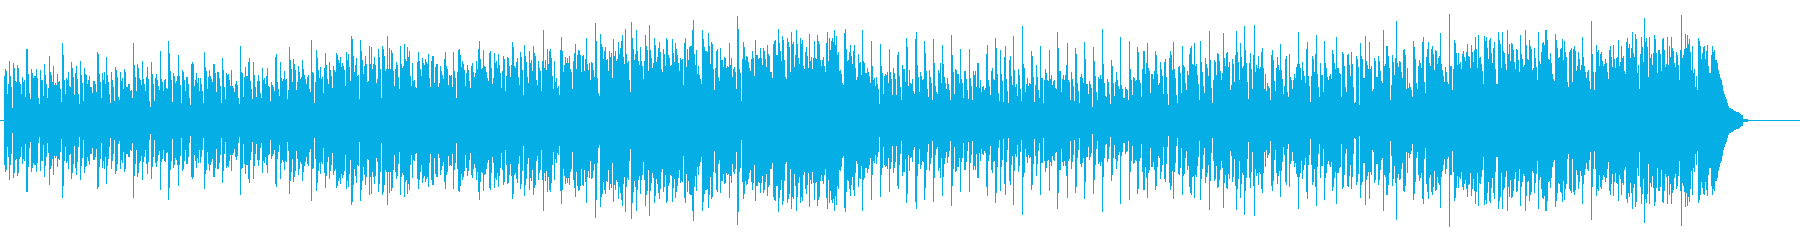 ウクレレ・エネルギッシュ・ポジティブの再生済みの波形